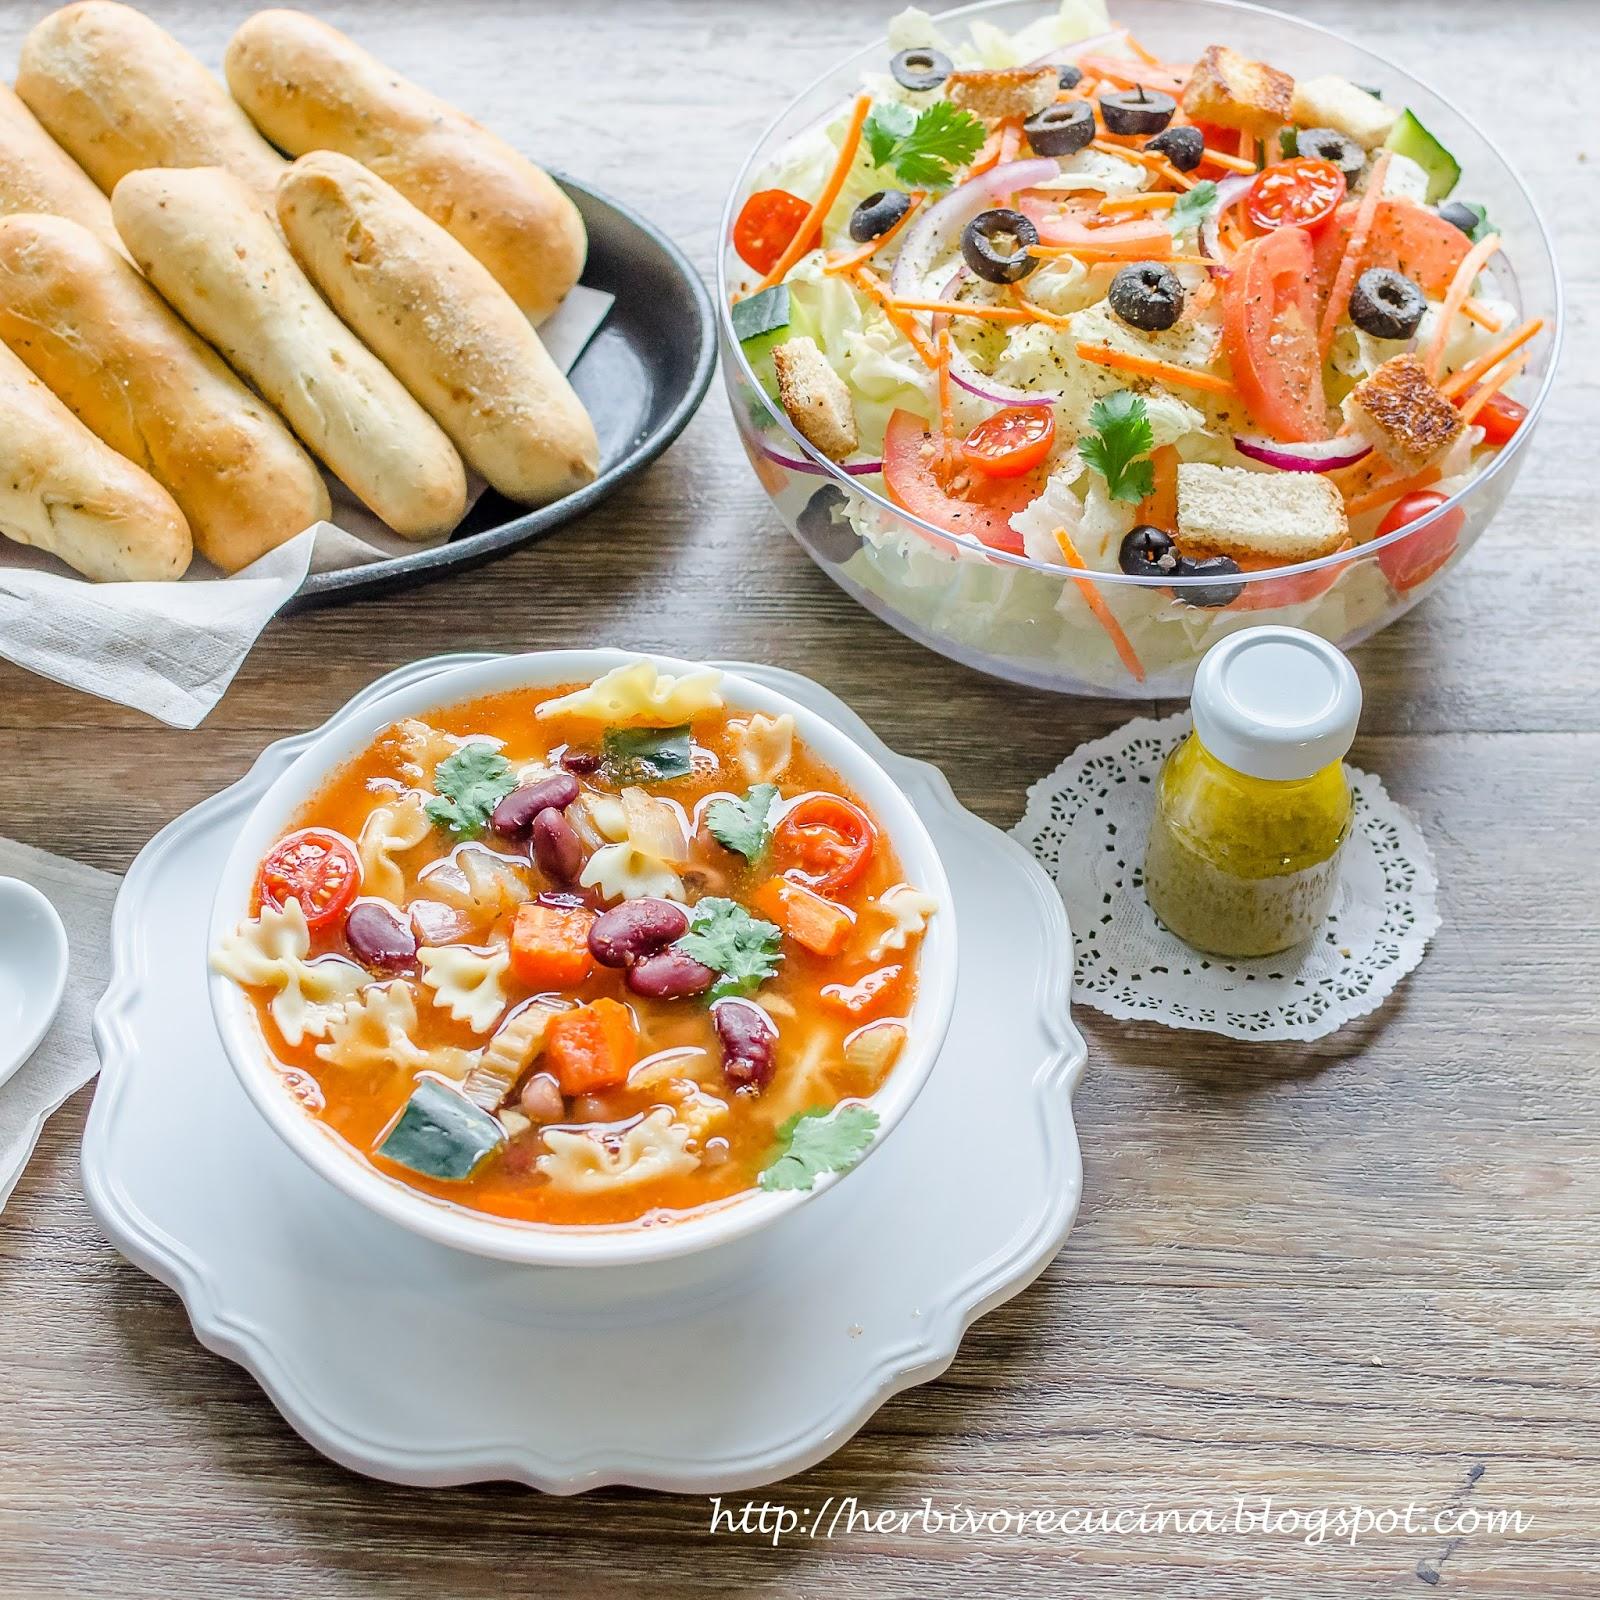 Herbivore Cucina: Olive Garden Salad Dressing